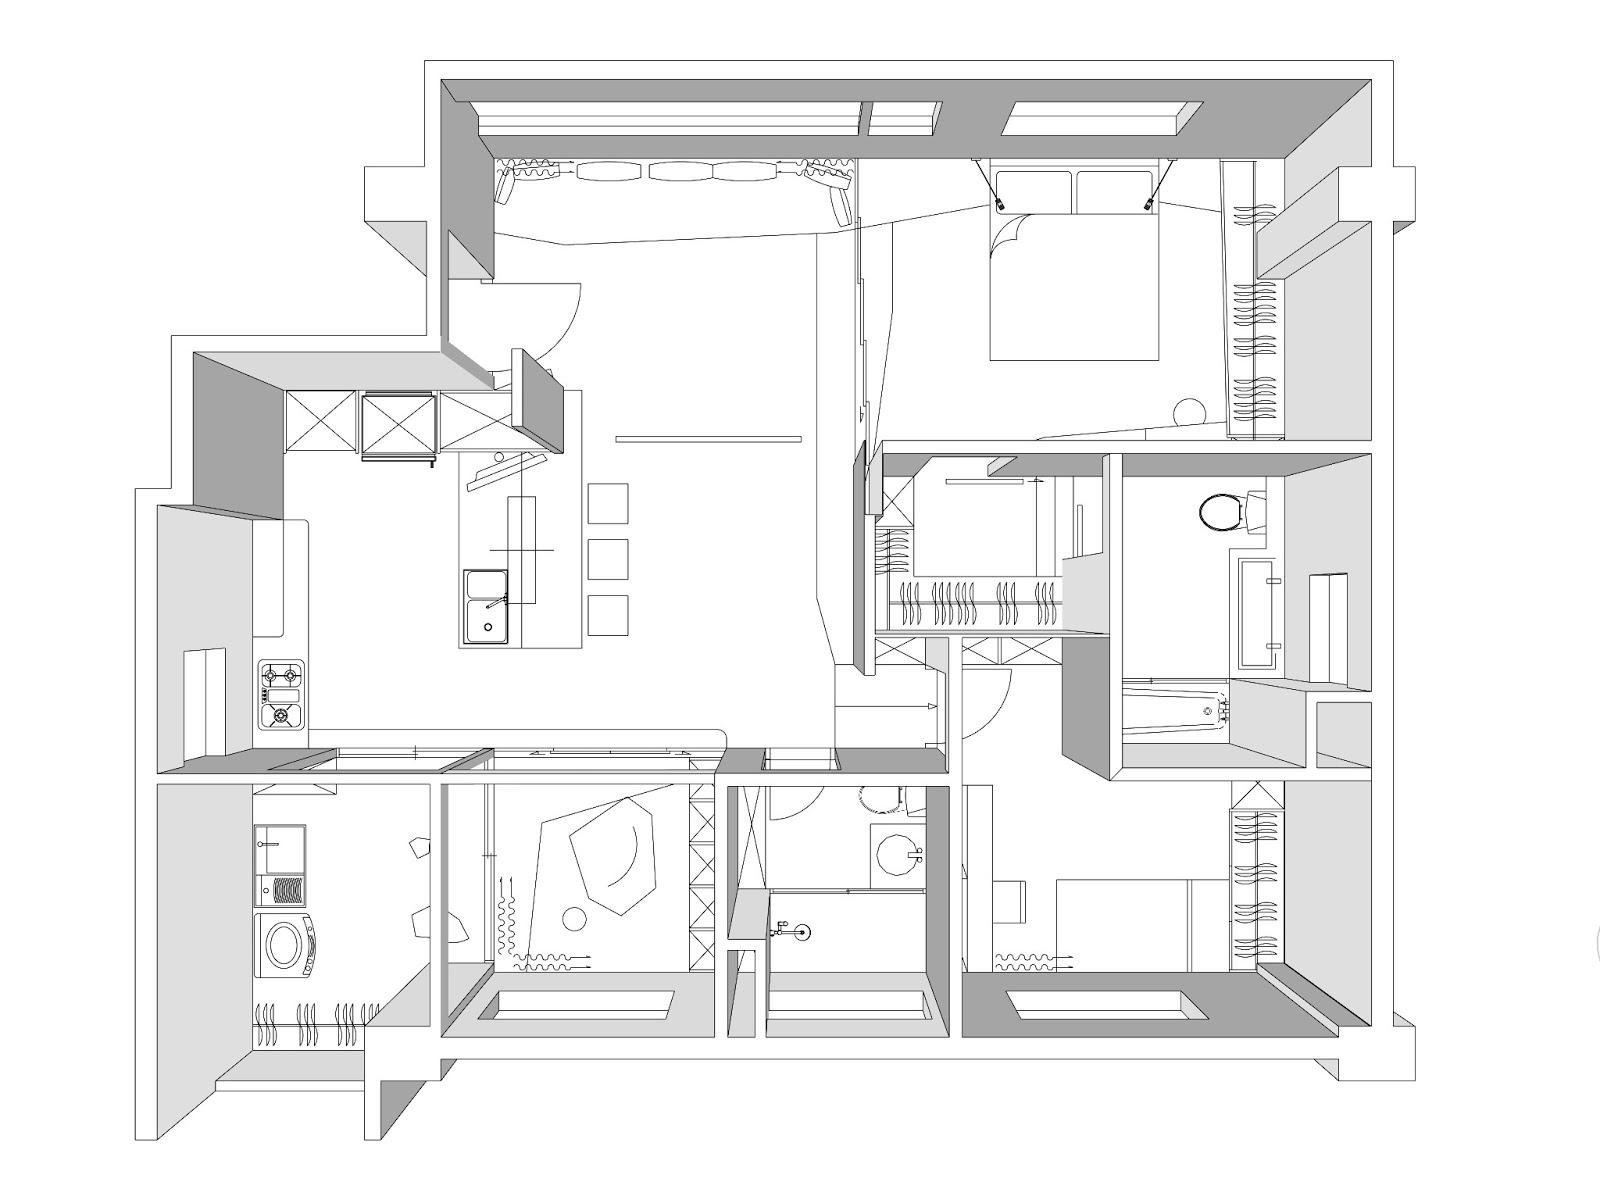 準建築人手札 Forgemind Archimedia 牧易設計 Mmuuii Design S Apt 室內設計提案